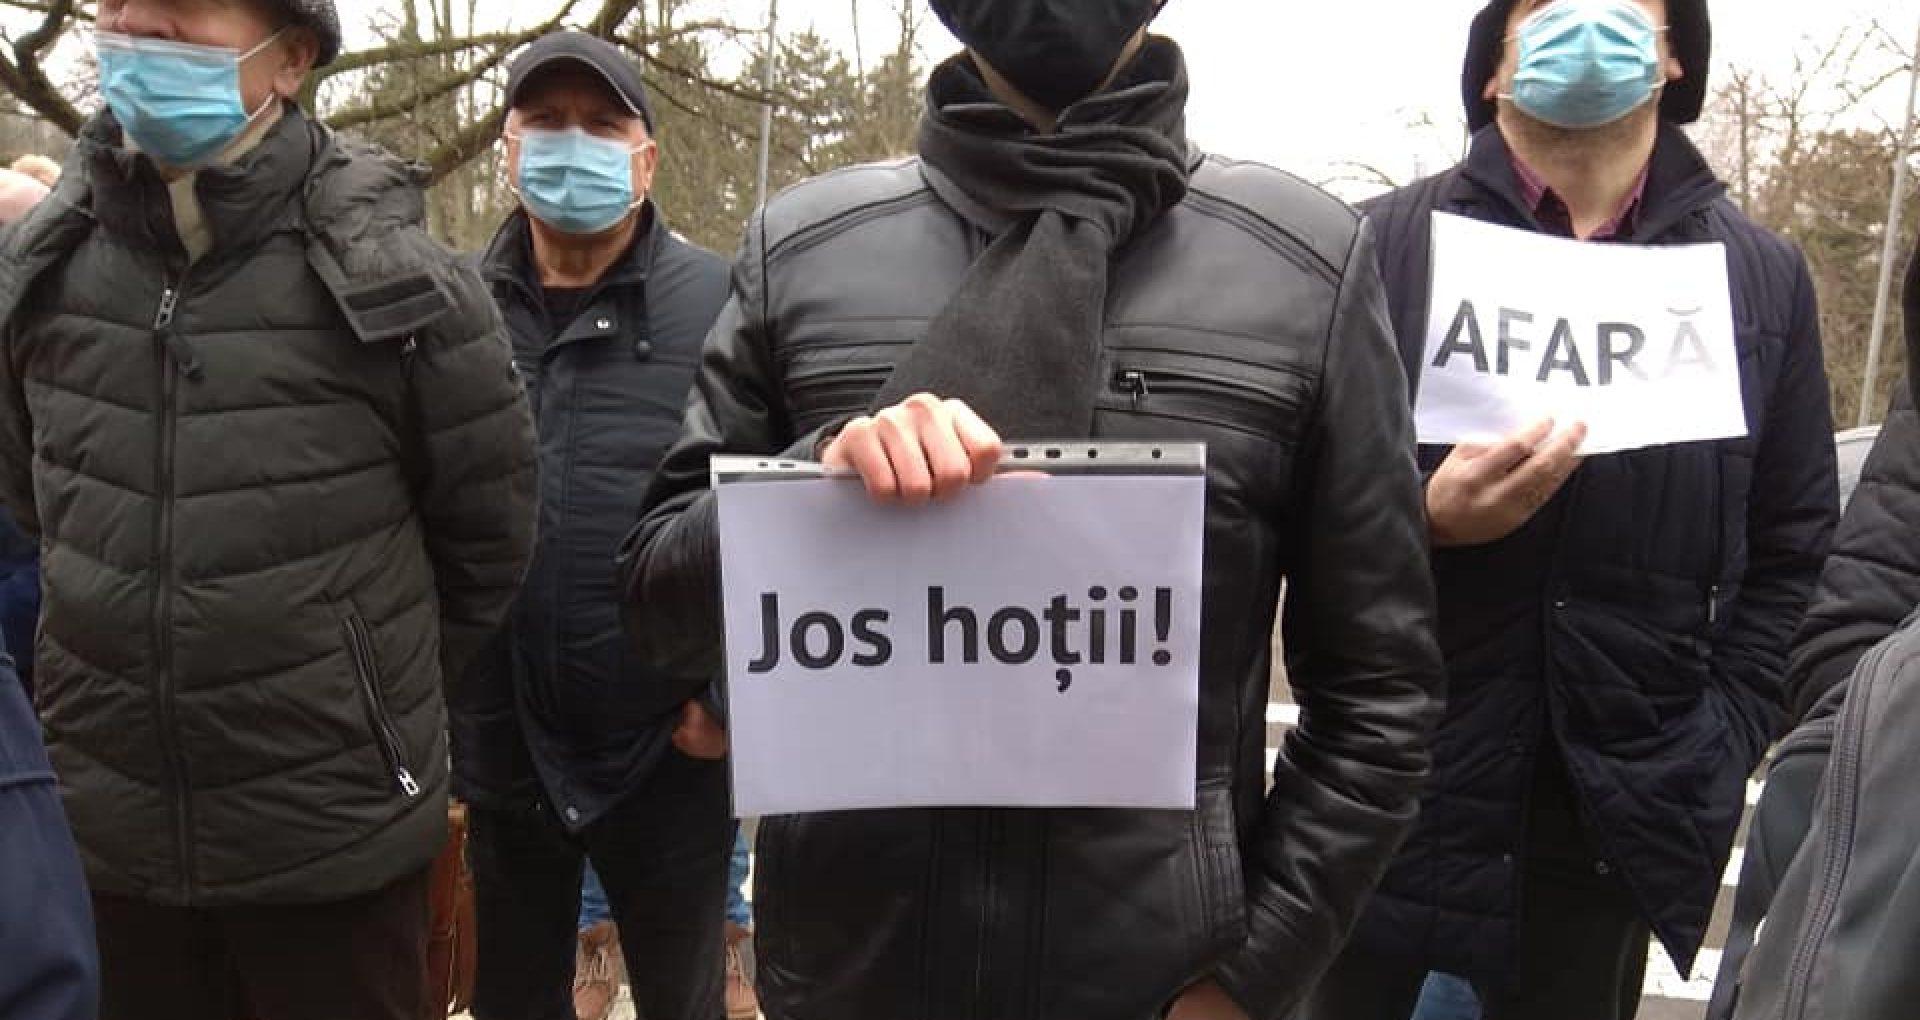 """VIDEO/ """"În următoarele luni ne așteaptă o întreagă campanie de distrugere a Chișinăului istoric"""". Protest împotriva unei construcții multifuncționale din zona Circului"""